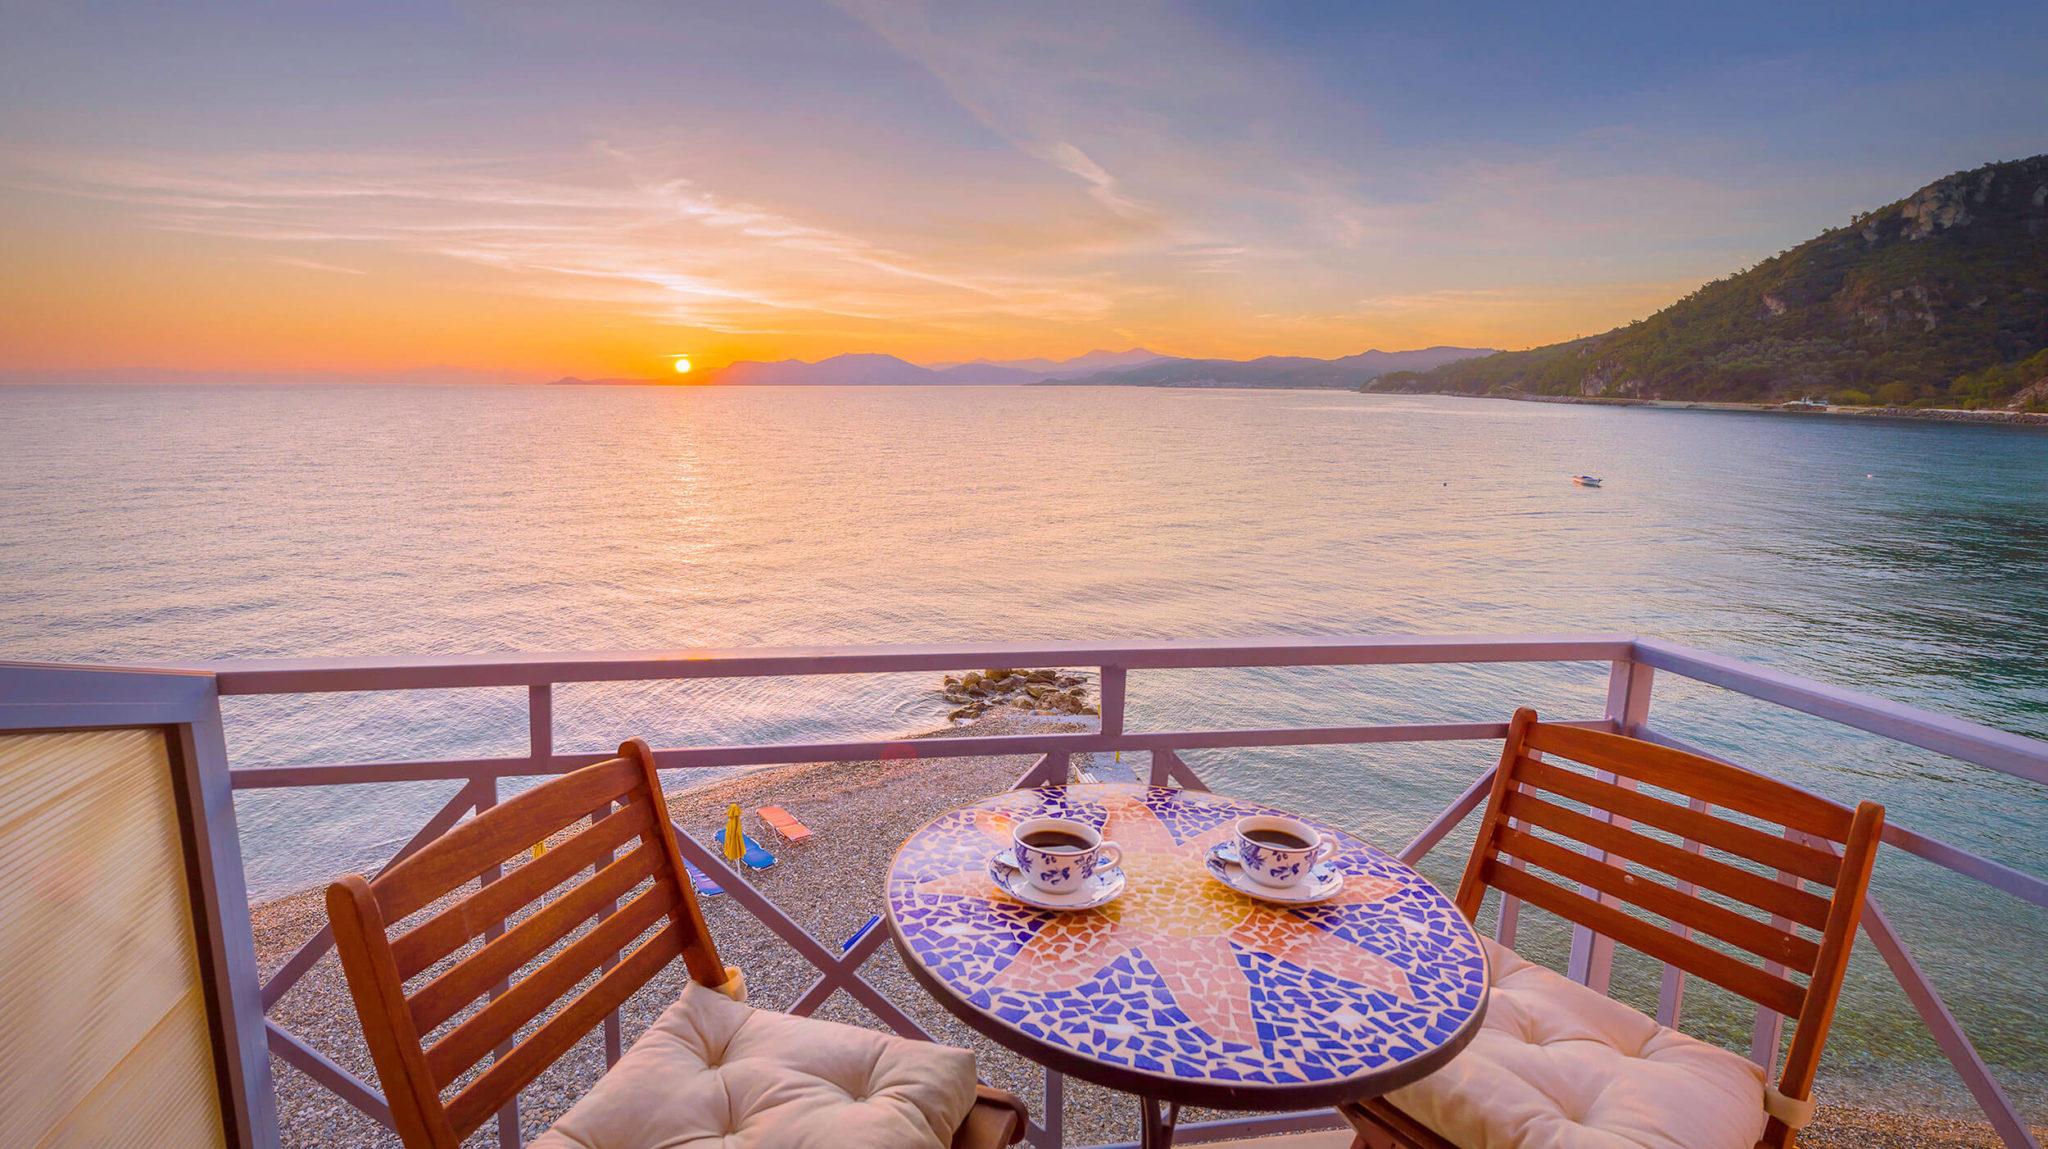 Traumhafter Ausblick auf das Meer vom Hotel Avlakia